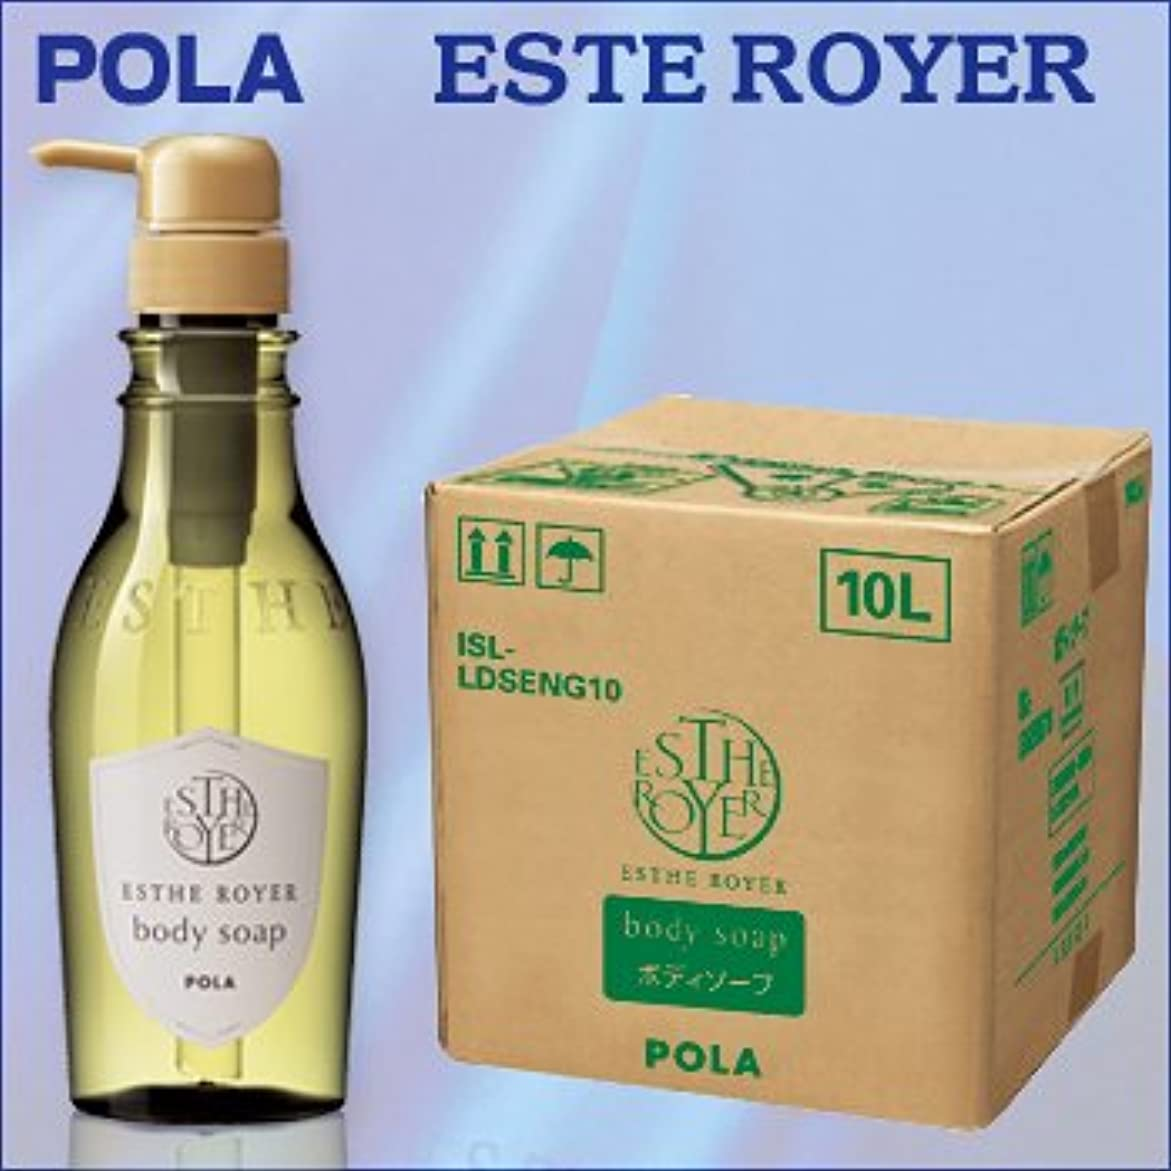 コンバーチブル拘束格差POLA エステロワイエ 業務用ボディソープ 10L (1セット10L入)